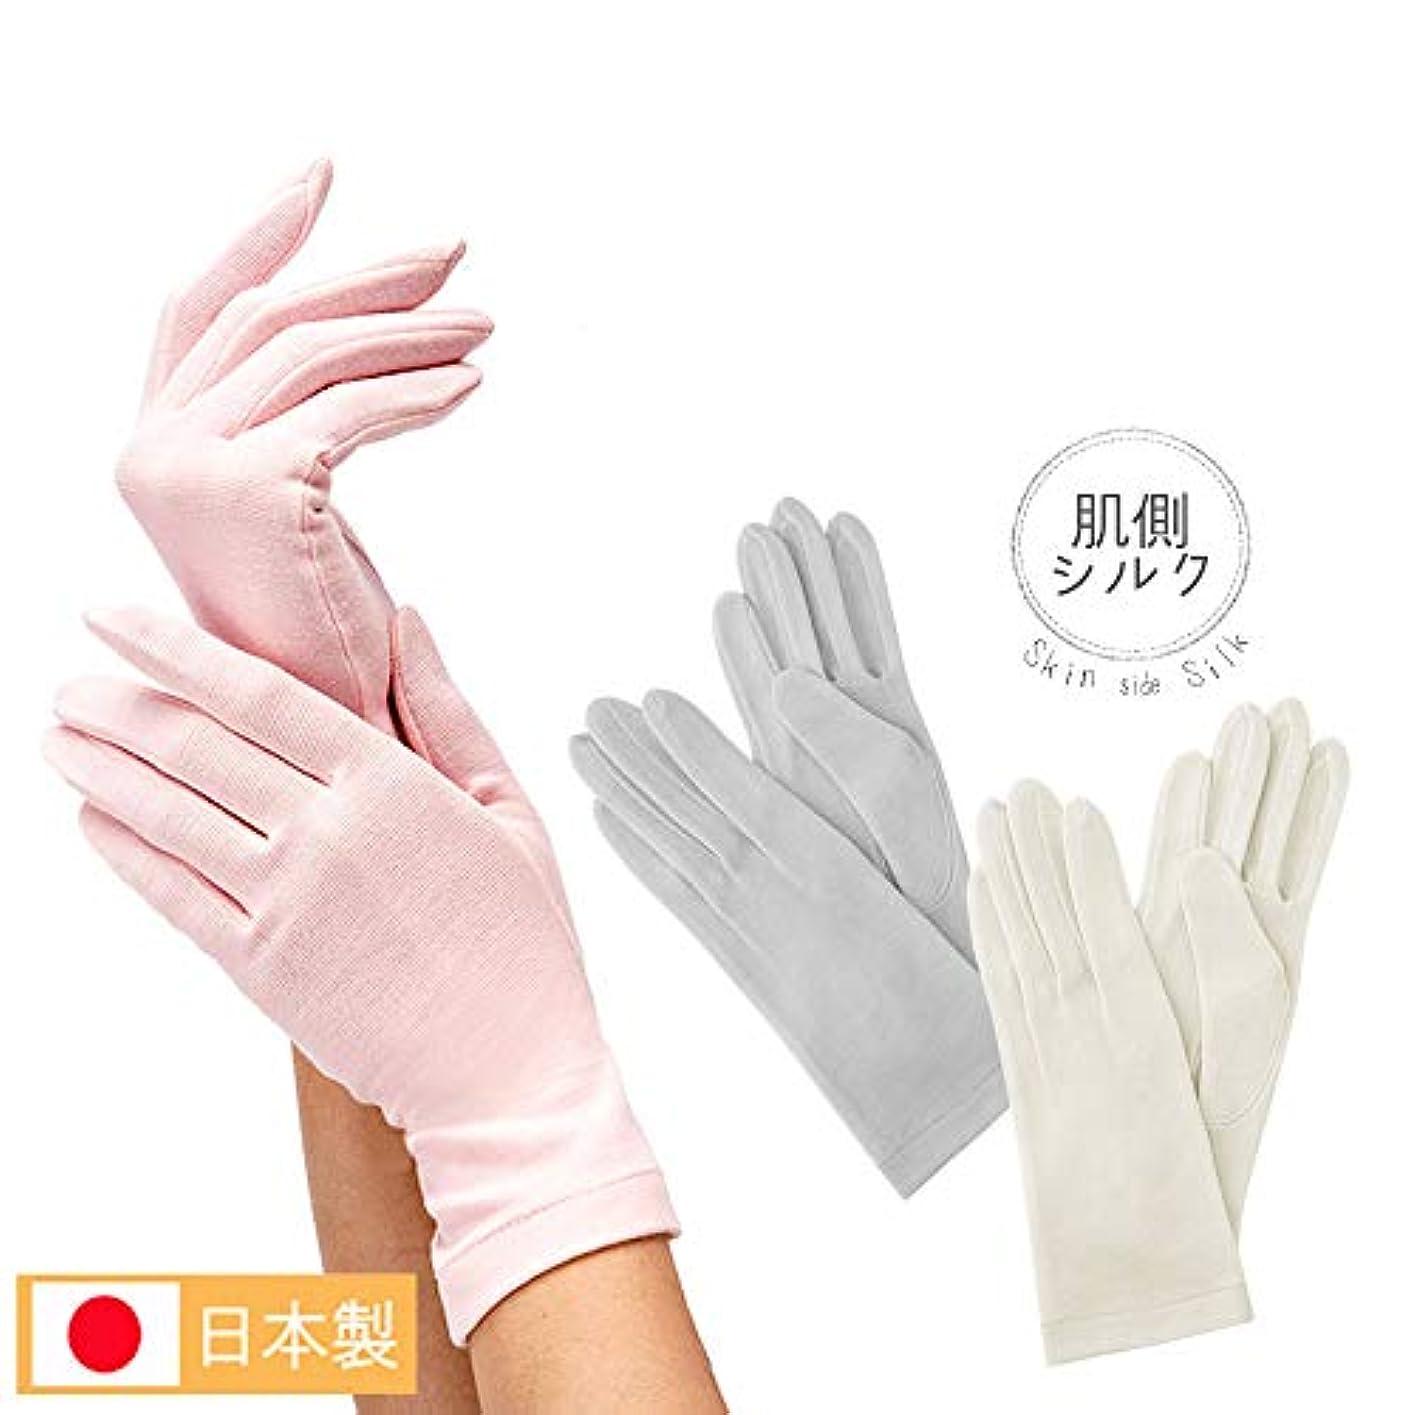 摩擦ゲインセイ小麦G12-0071_PK 就寝用 裏シルクうるおい手袋 あったか 薄い 手荒れ ハンドケア 保湿 レディース 女性 おやすみ 寝るとき 日本製 ピンク